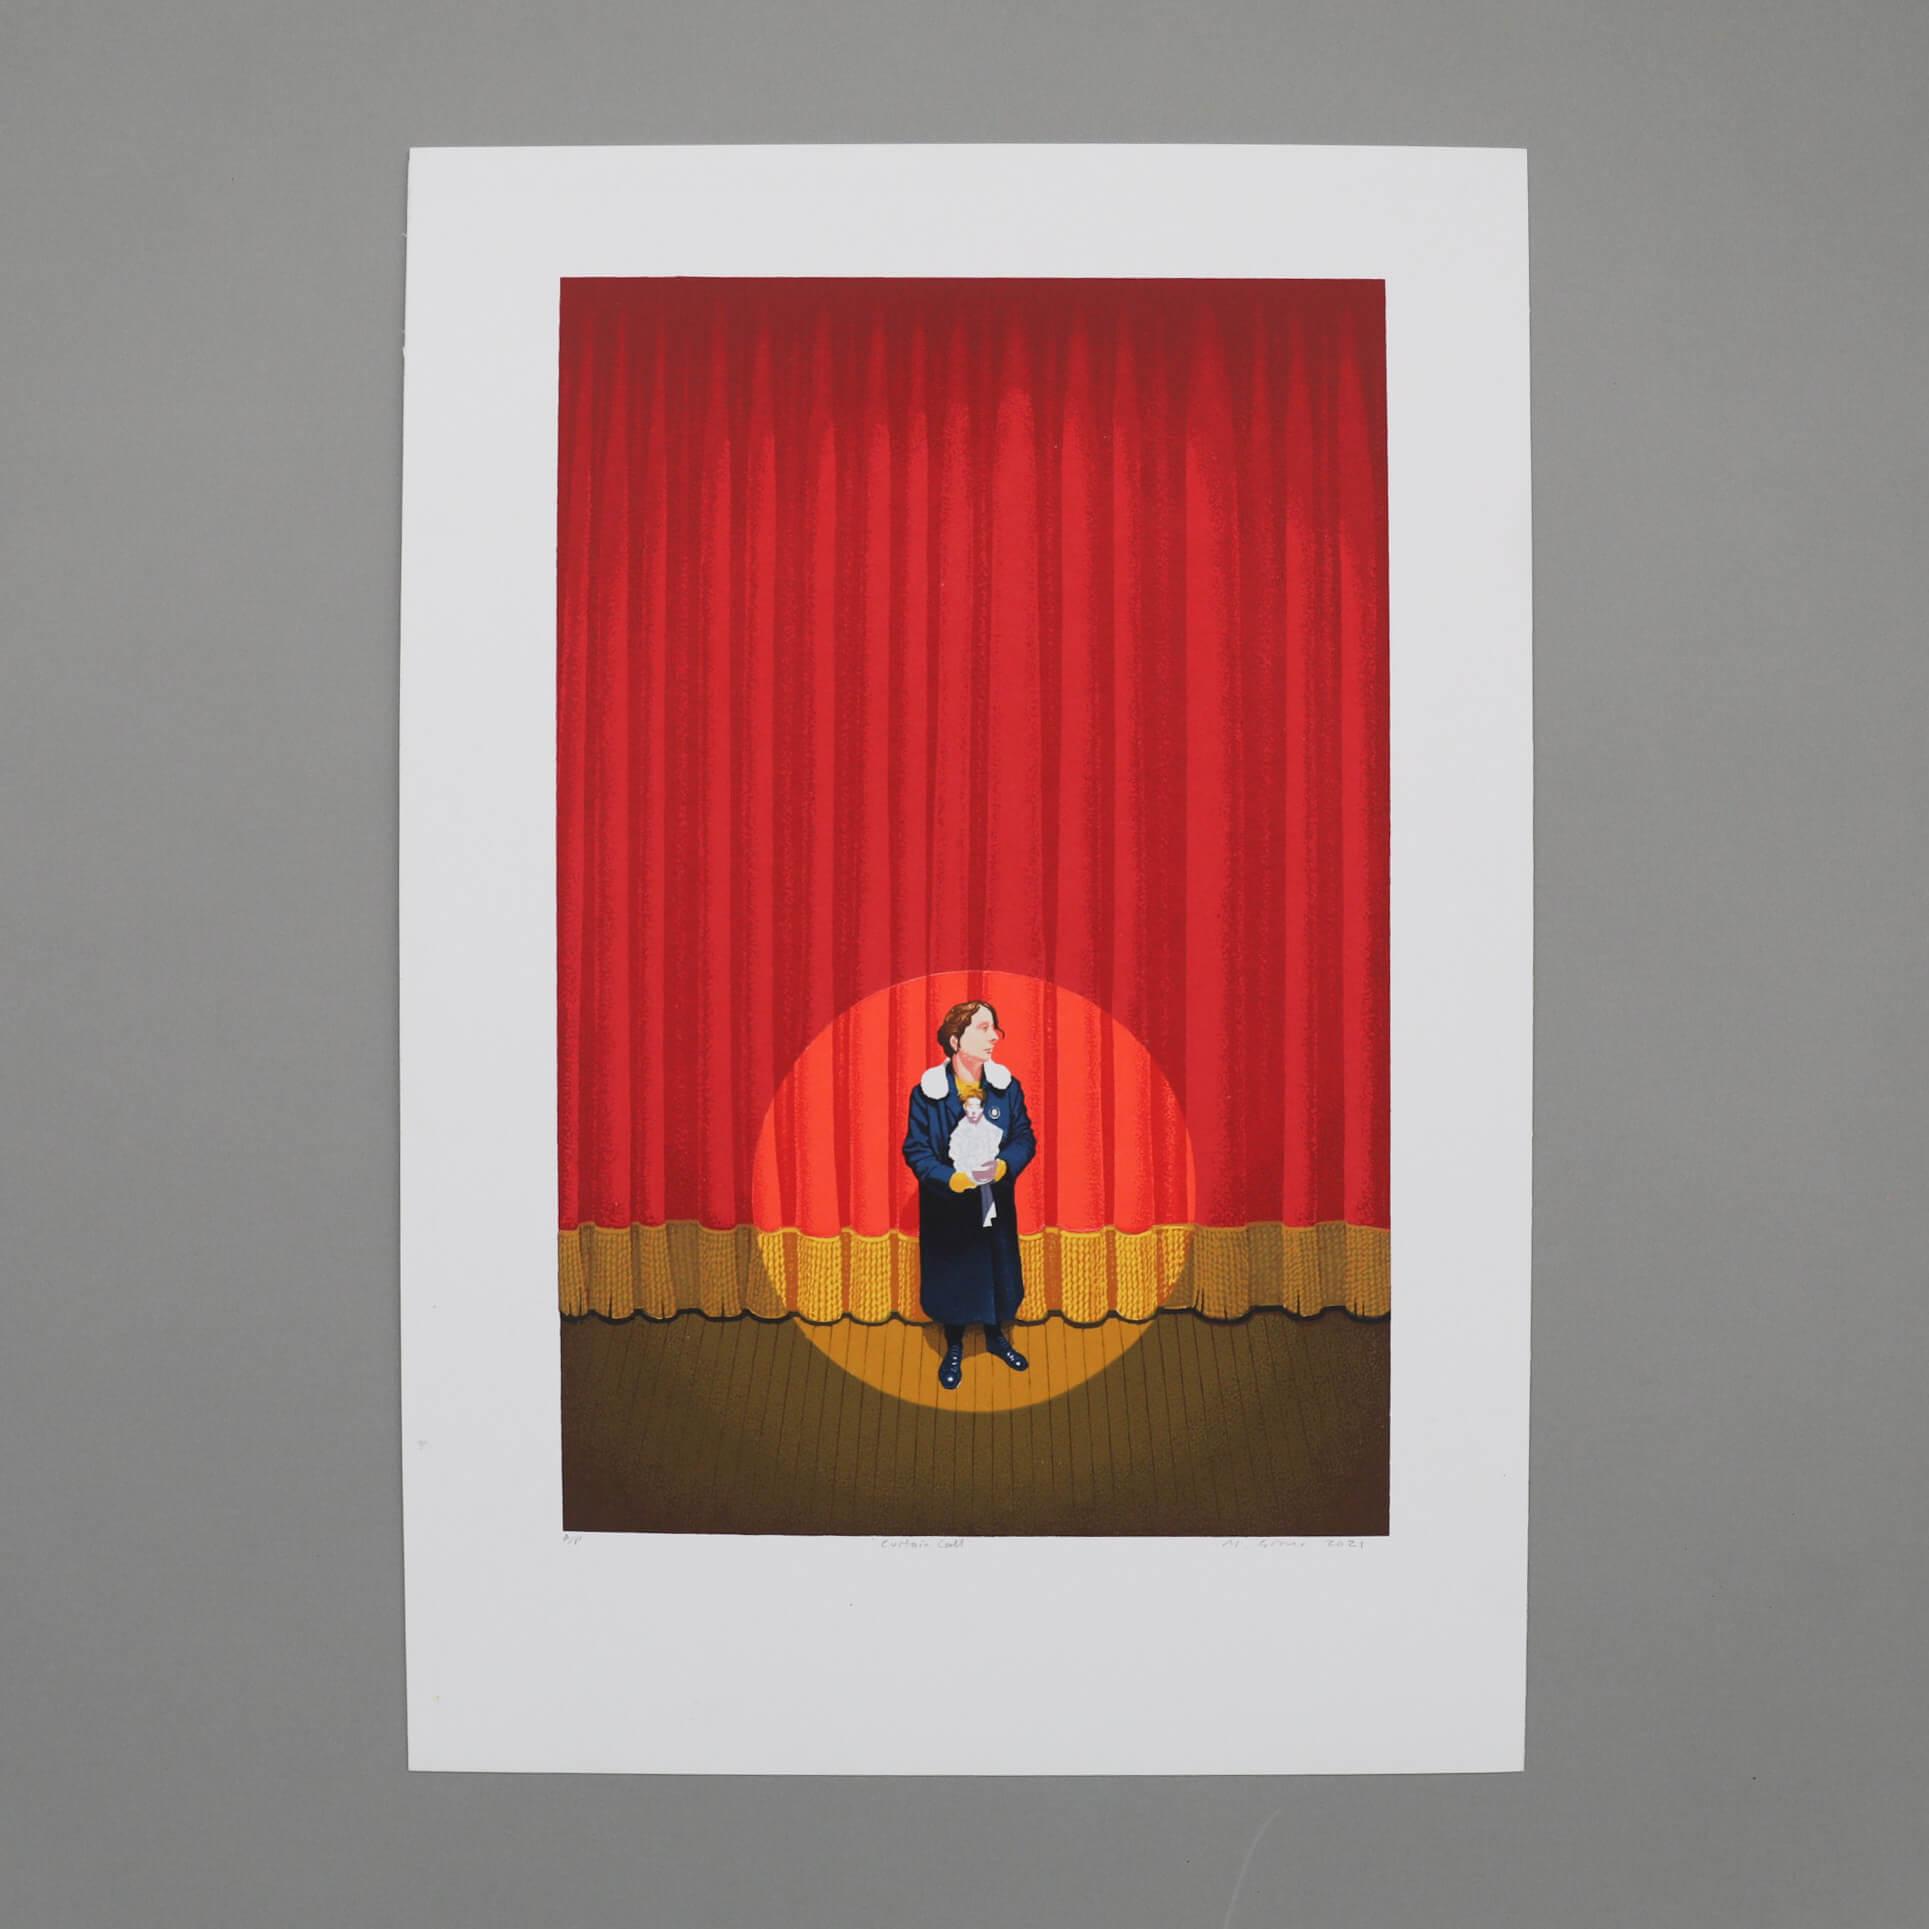 N58A0735 - Curtain Call by Martin Grover